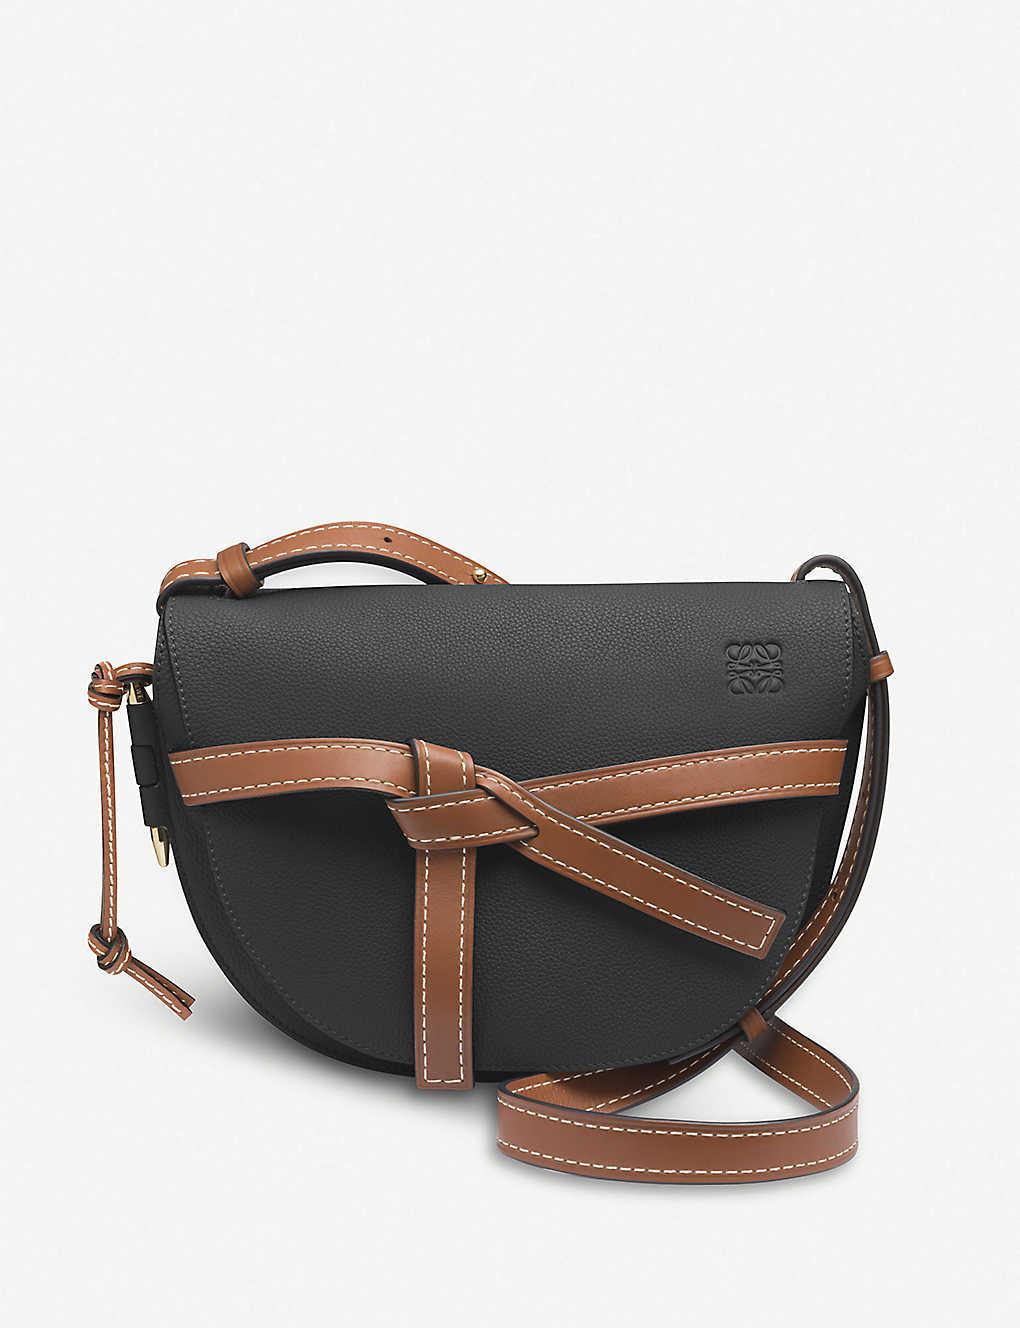 1af59a4a63c2 LOEWE - Gate small leather shoulder bag | Selfridges.com